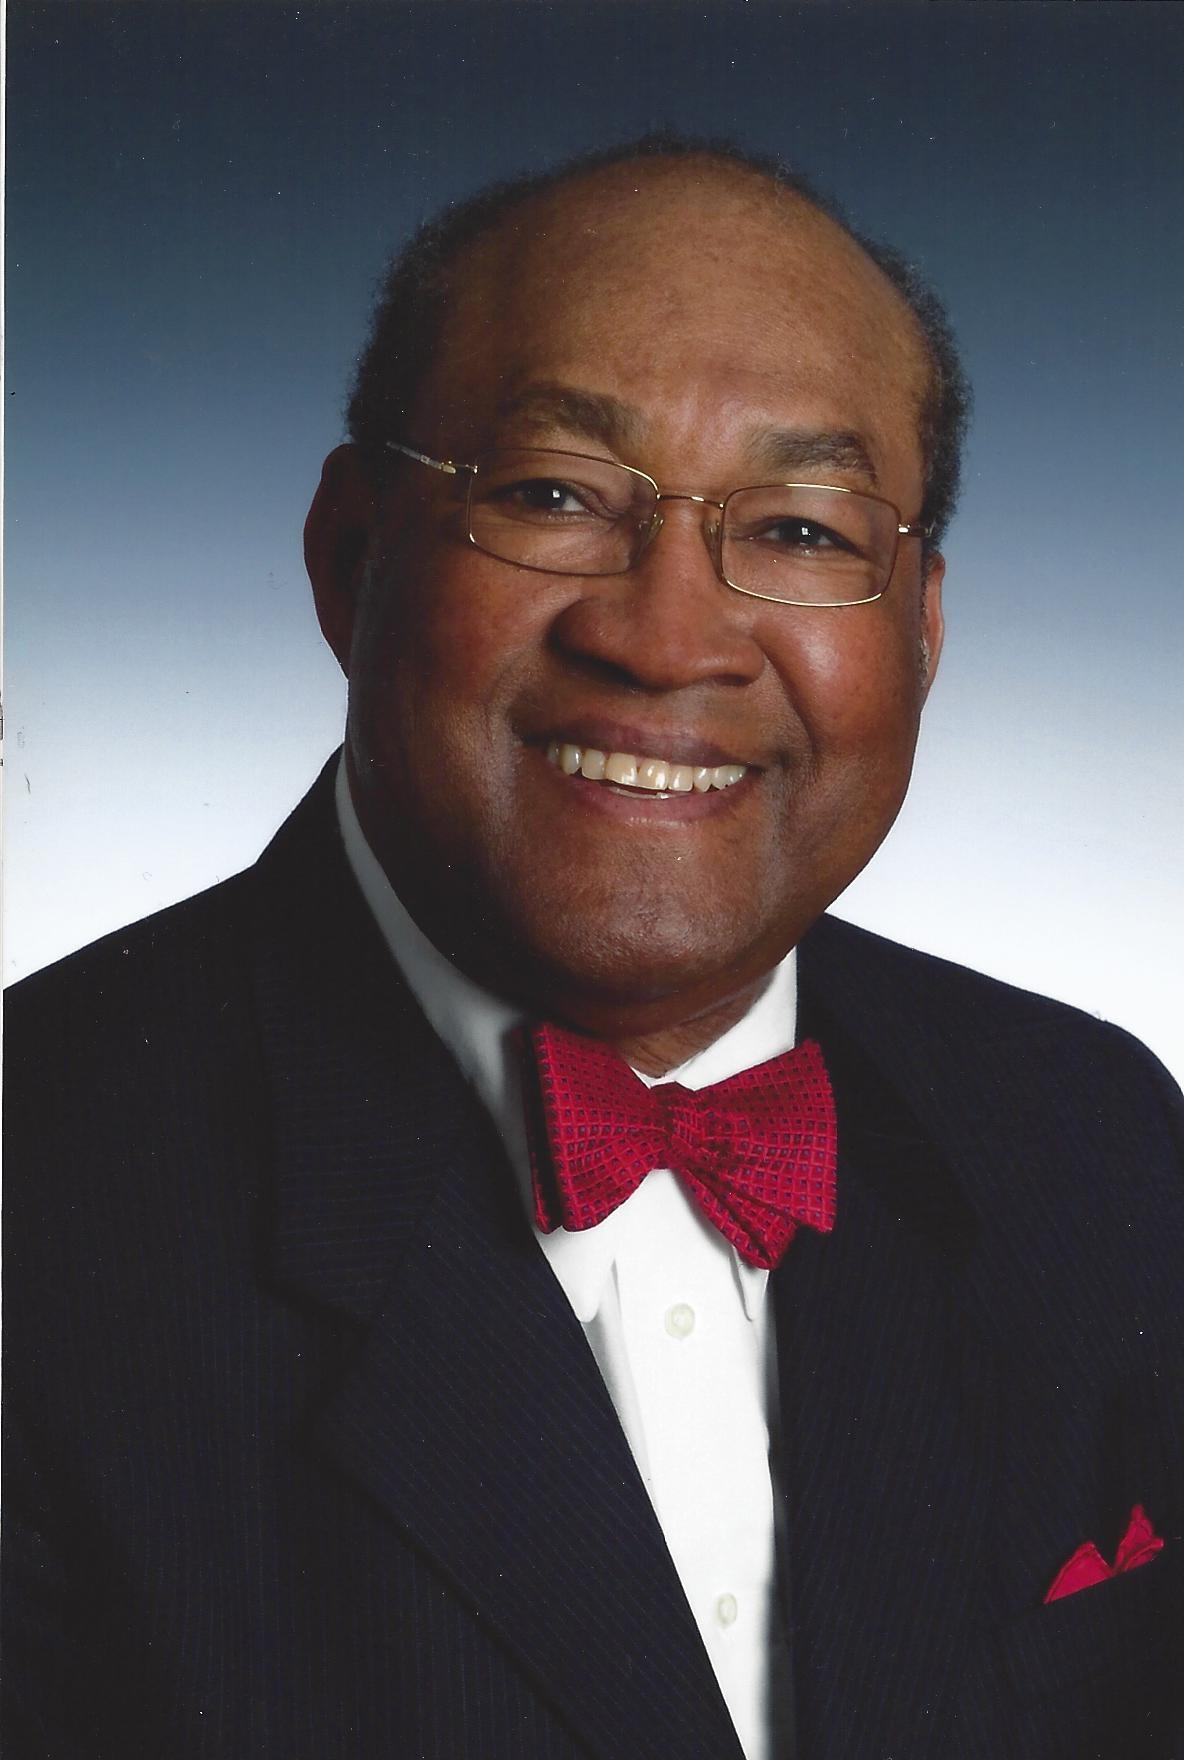 Atty. W. George Allen